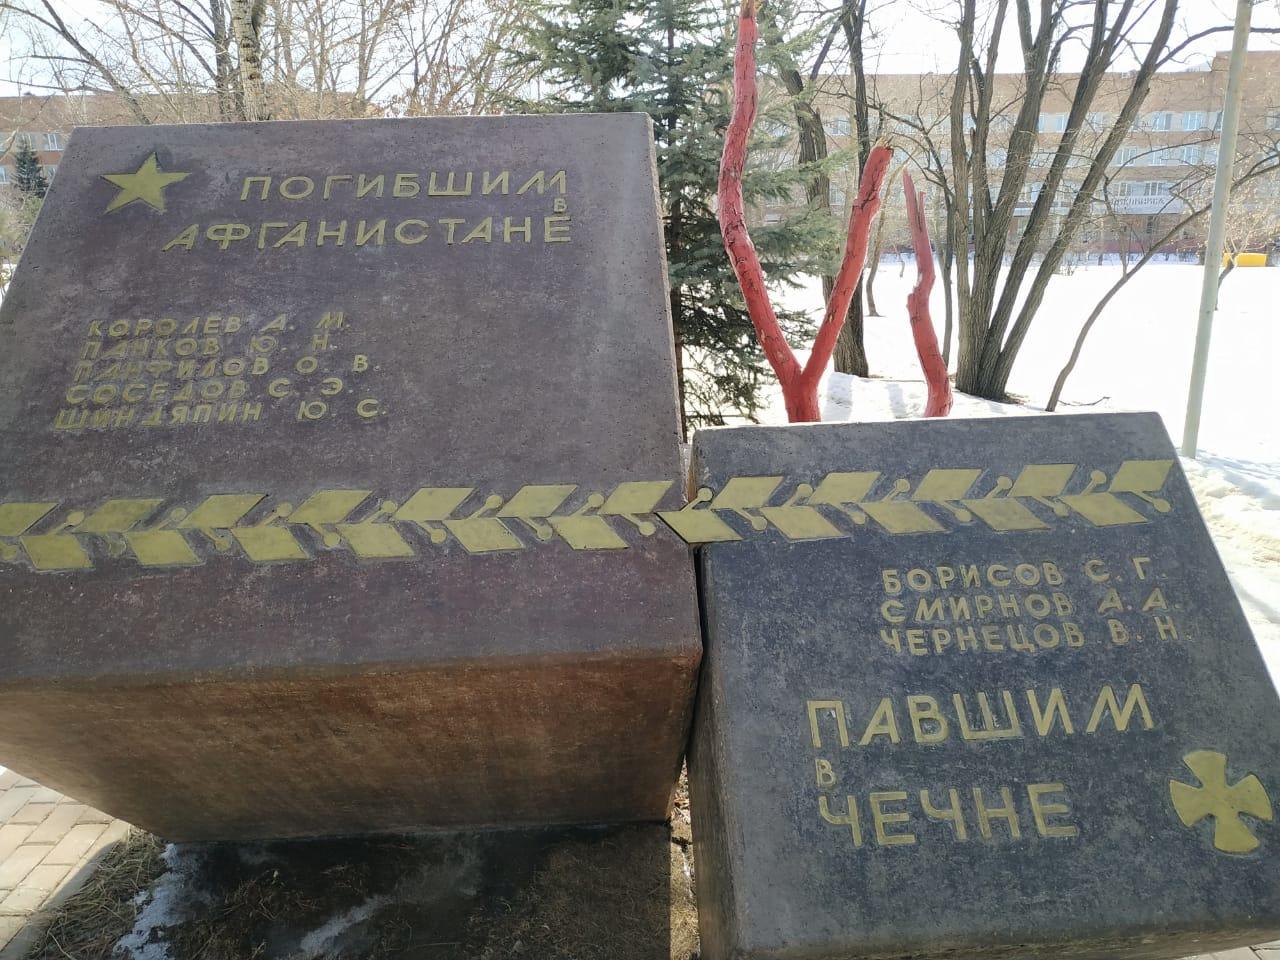 Следователи начали проверку по факту повреждения памятника в Котовске